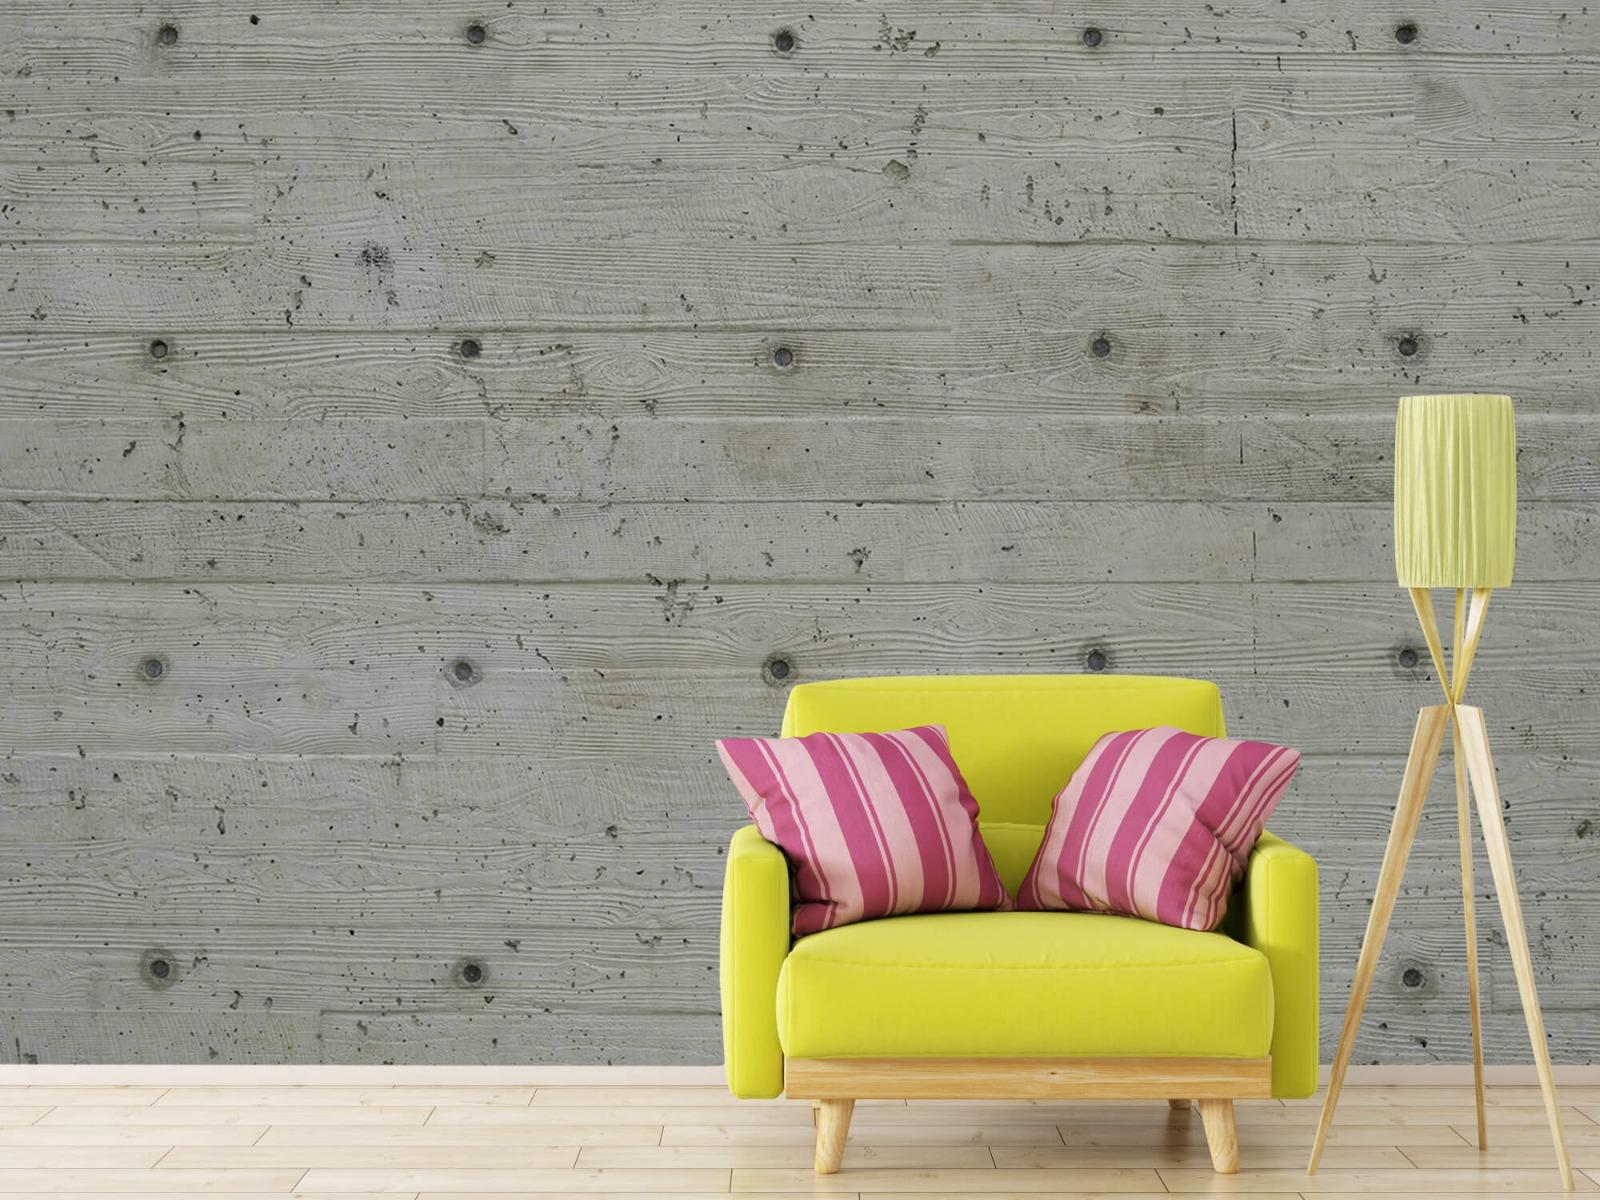 Betonlook behang - Beton met hout look - Slaapkamer 17